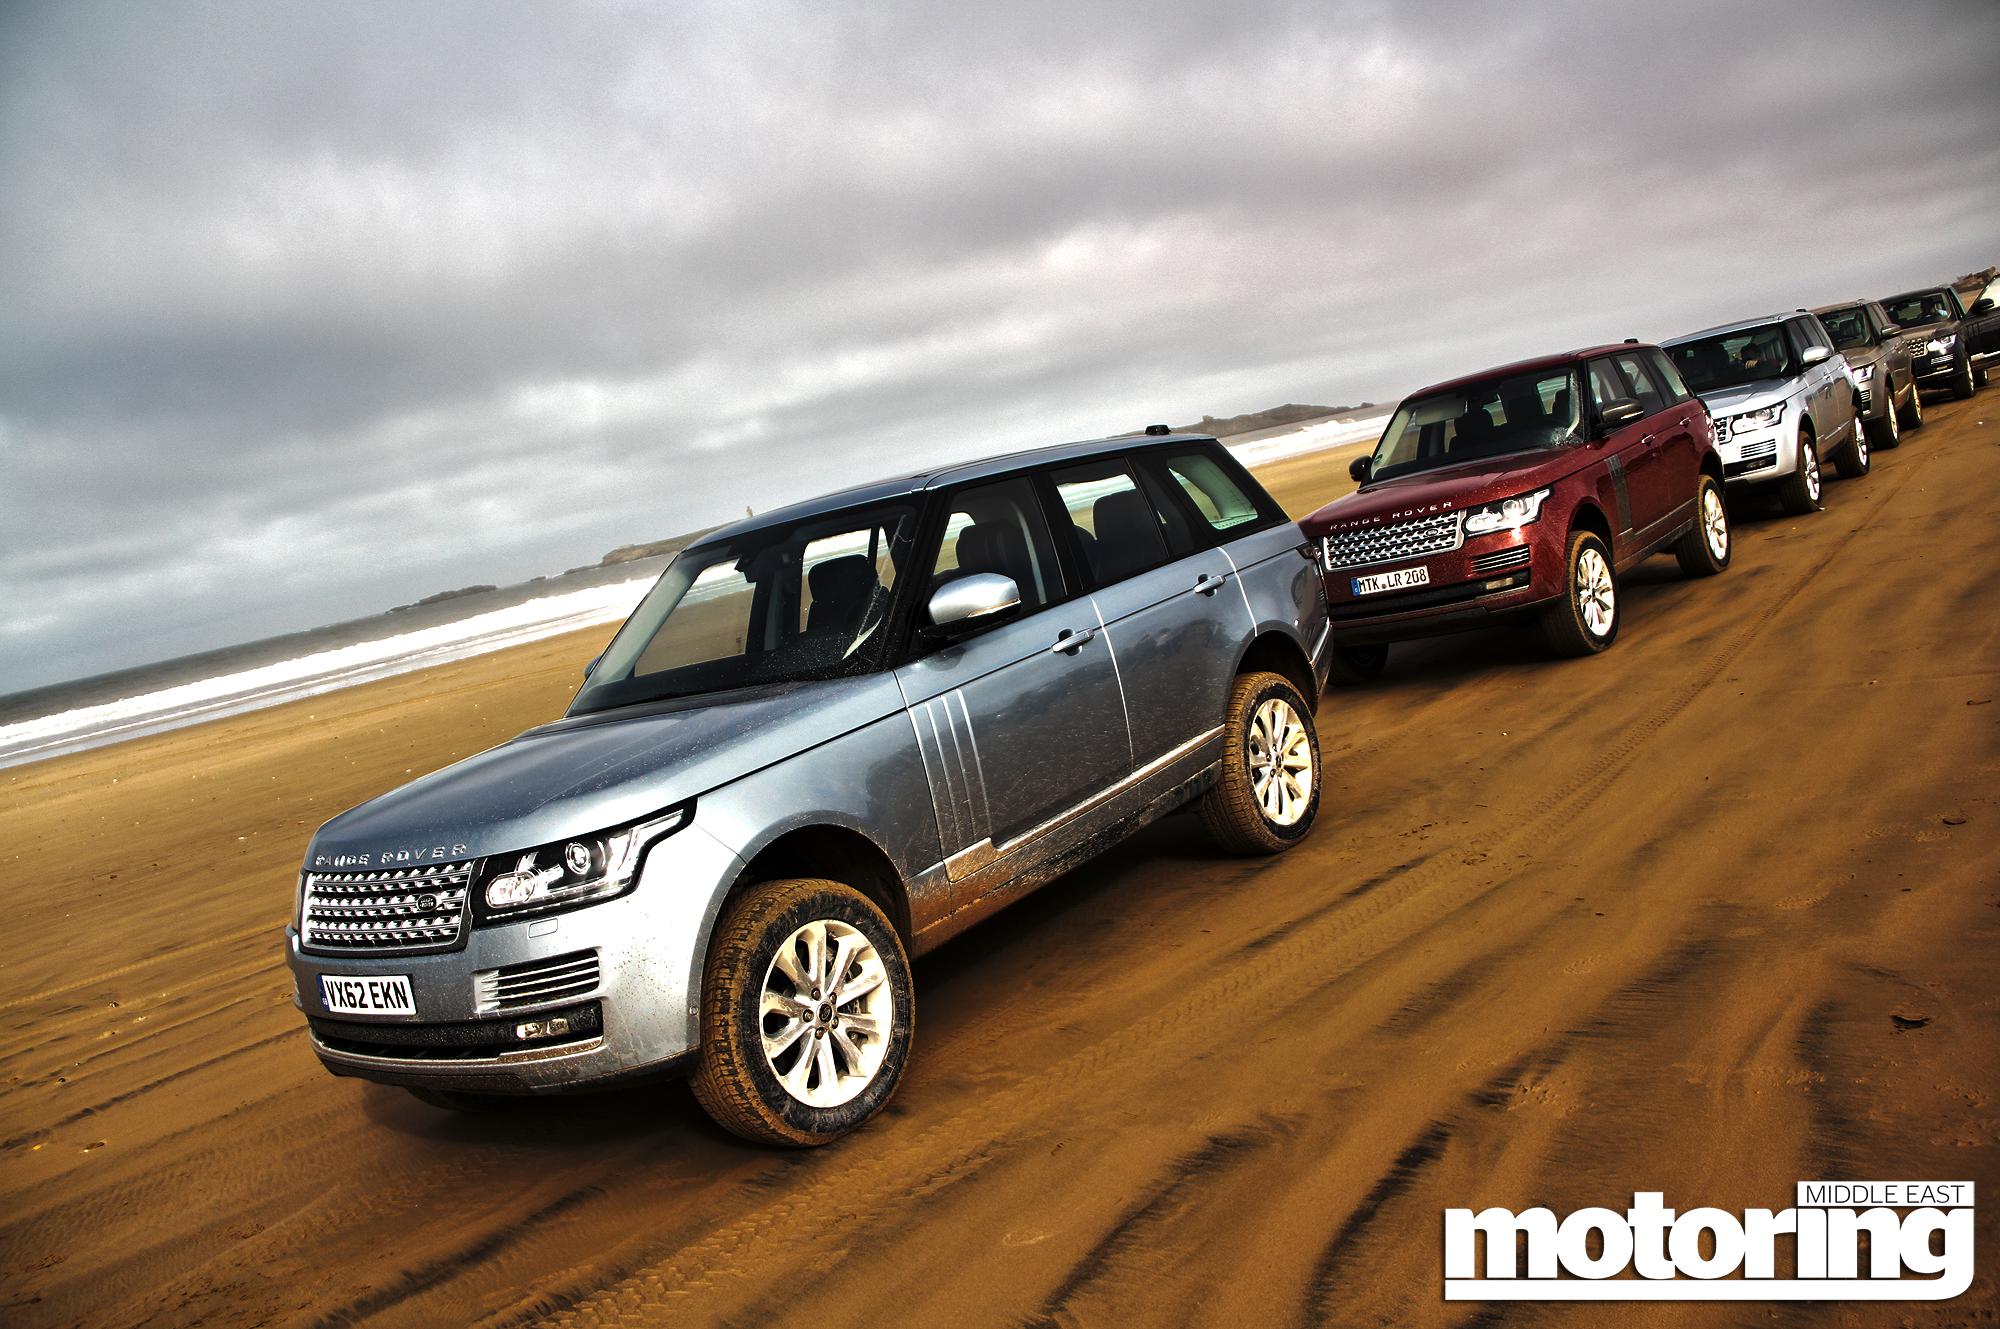 Range Rover in Morocco